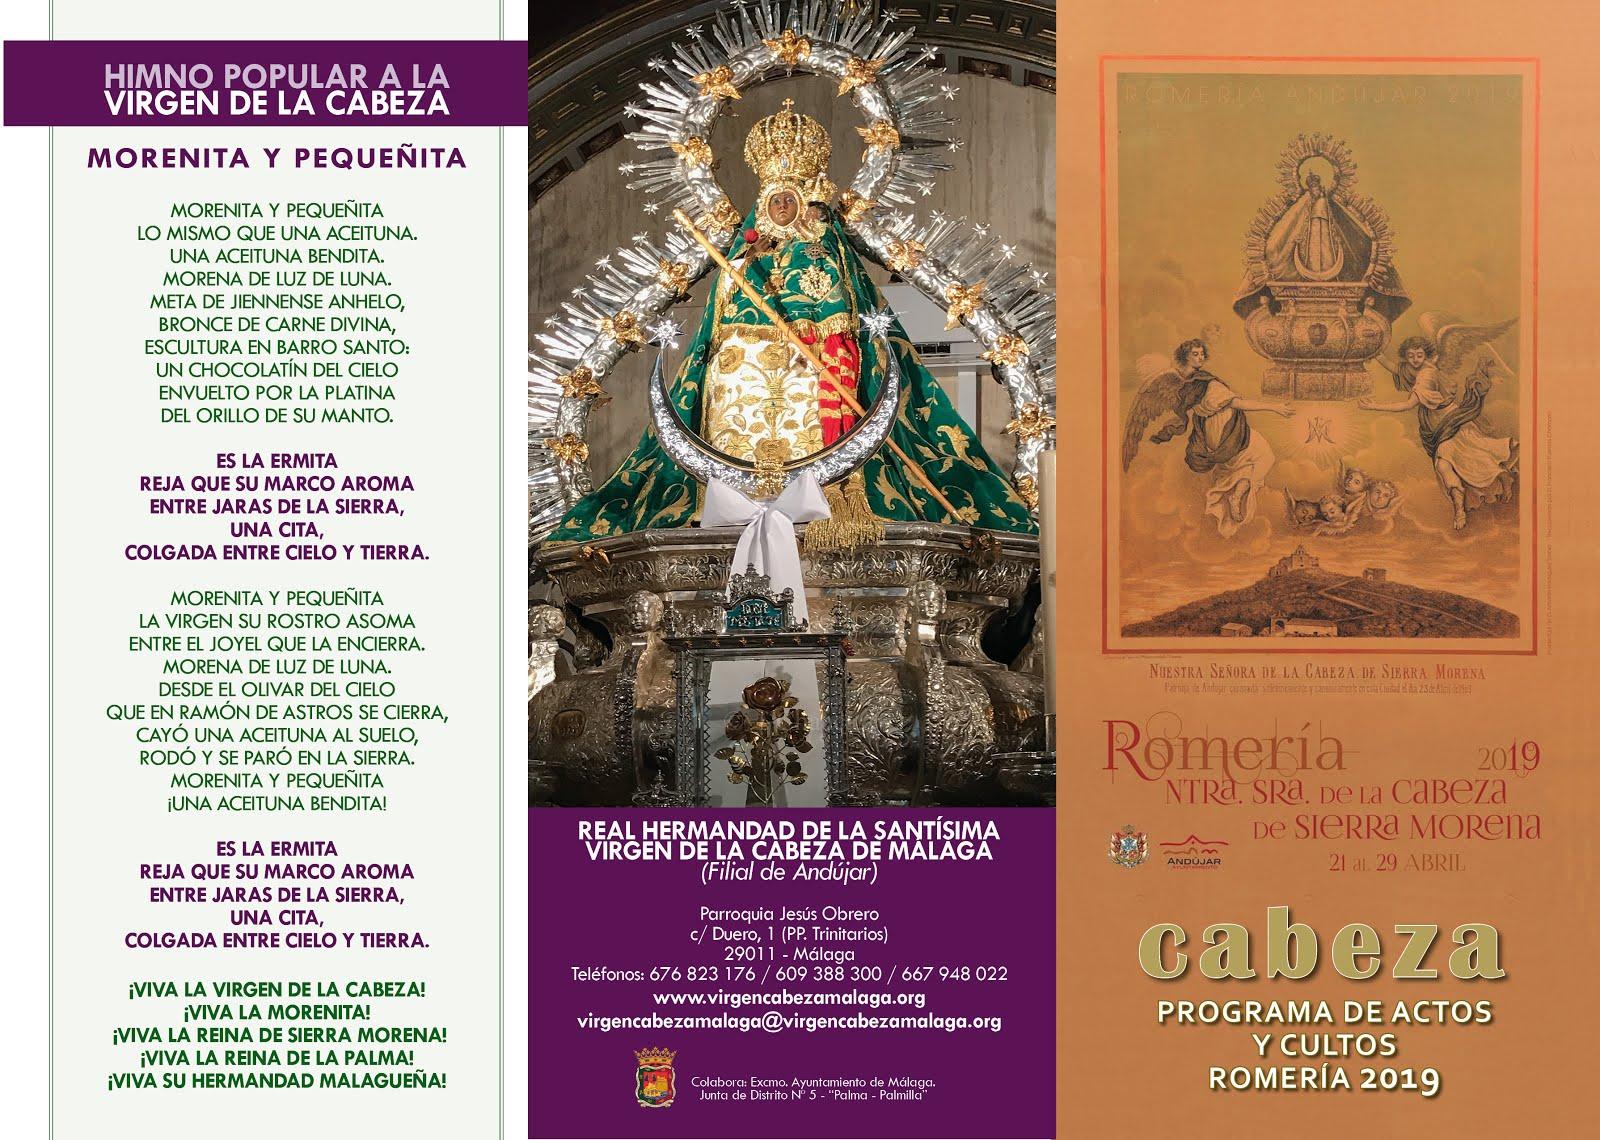 Programa de Actos y Cultos ROMERÍA 2019. Real Hdad. de Málaga.